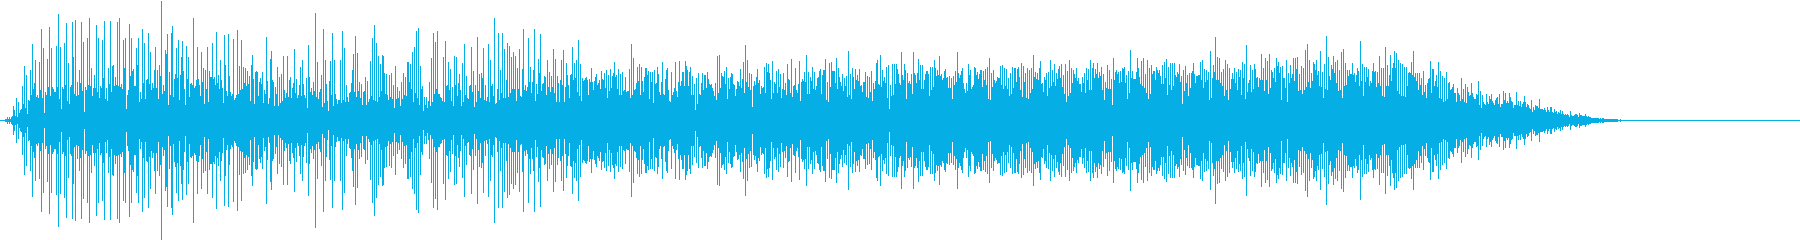 シュイーン(派手 魔法 ゲーム)の再生済みの波形